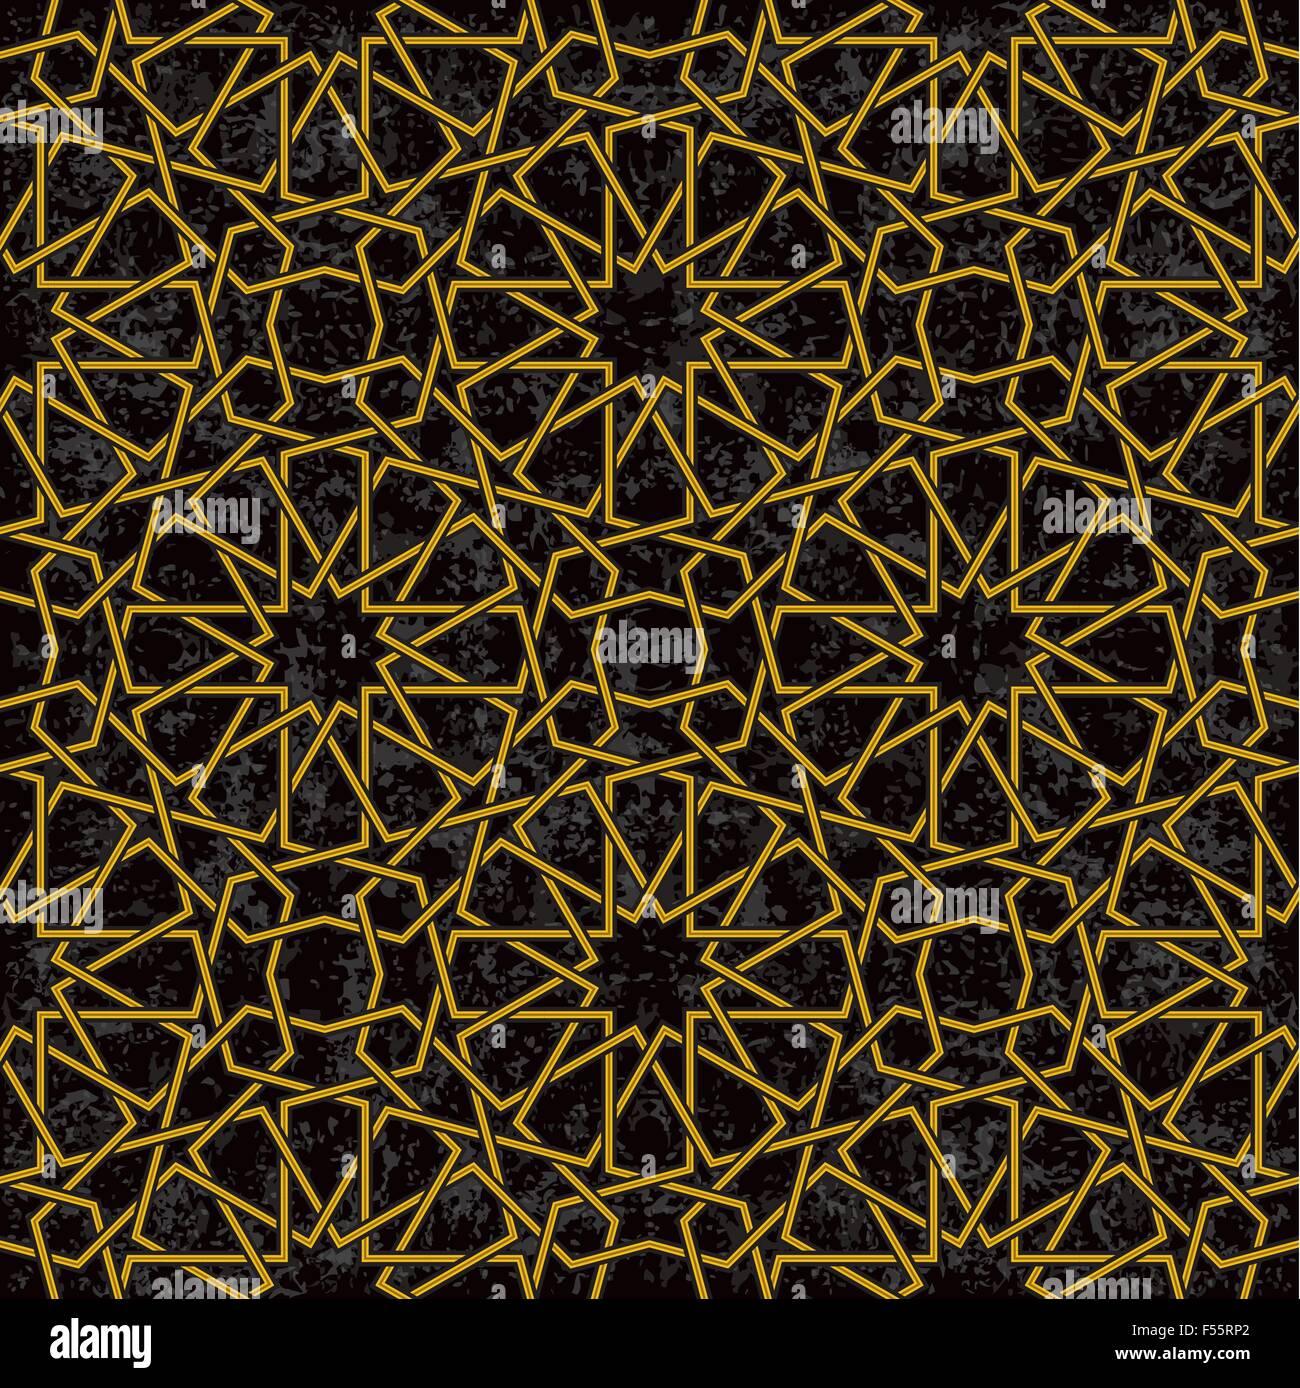 Goldlinie Sternenmuster Hintergrund im arabischen Stil, Vektor-Illustration Stockbild